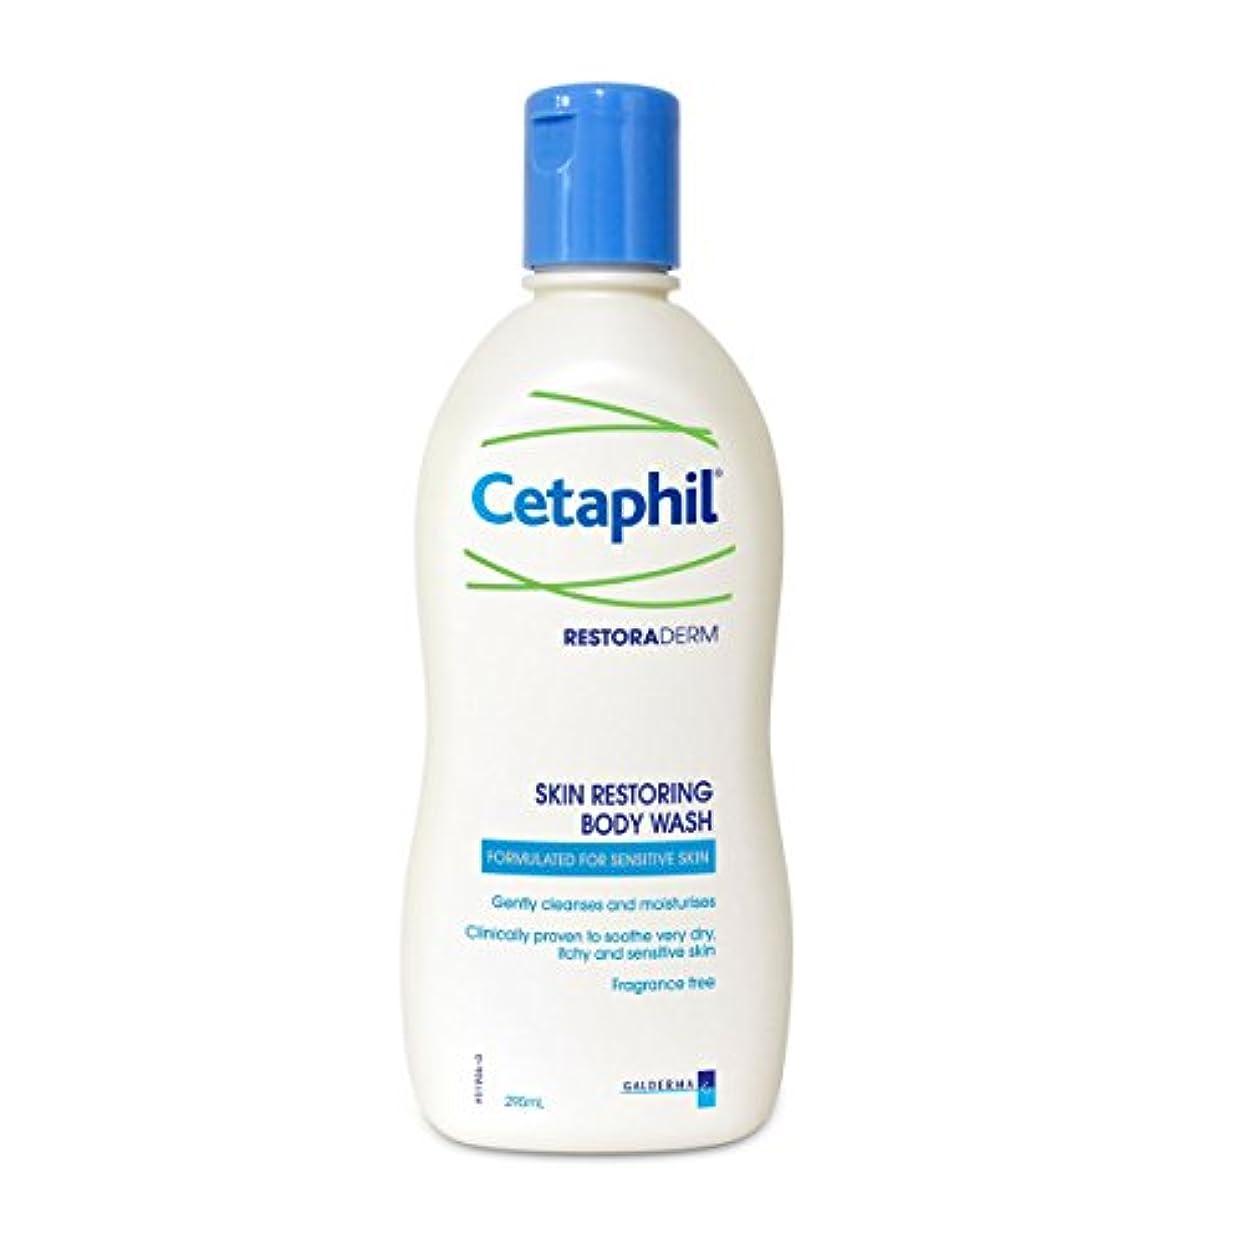 再生リブ開発Cetaphil Restoraderm Liquid Soap 295ml [並行輸入品]